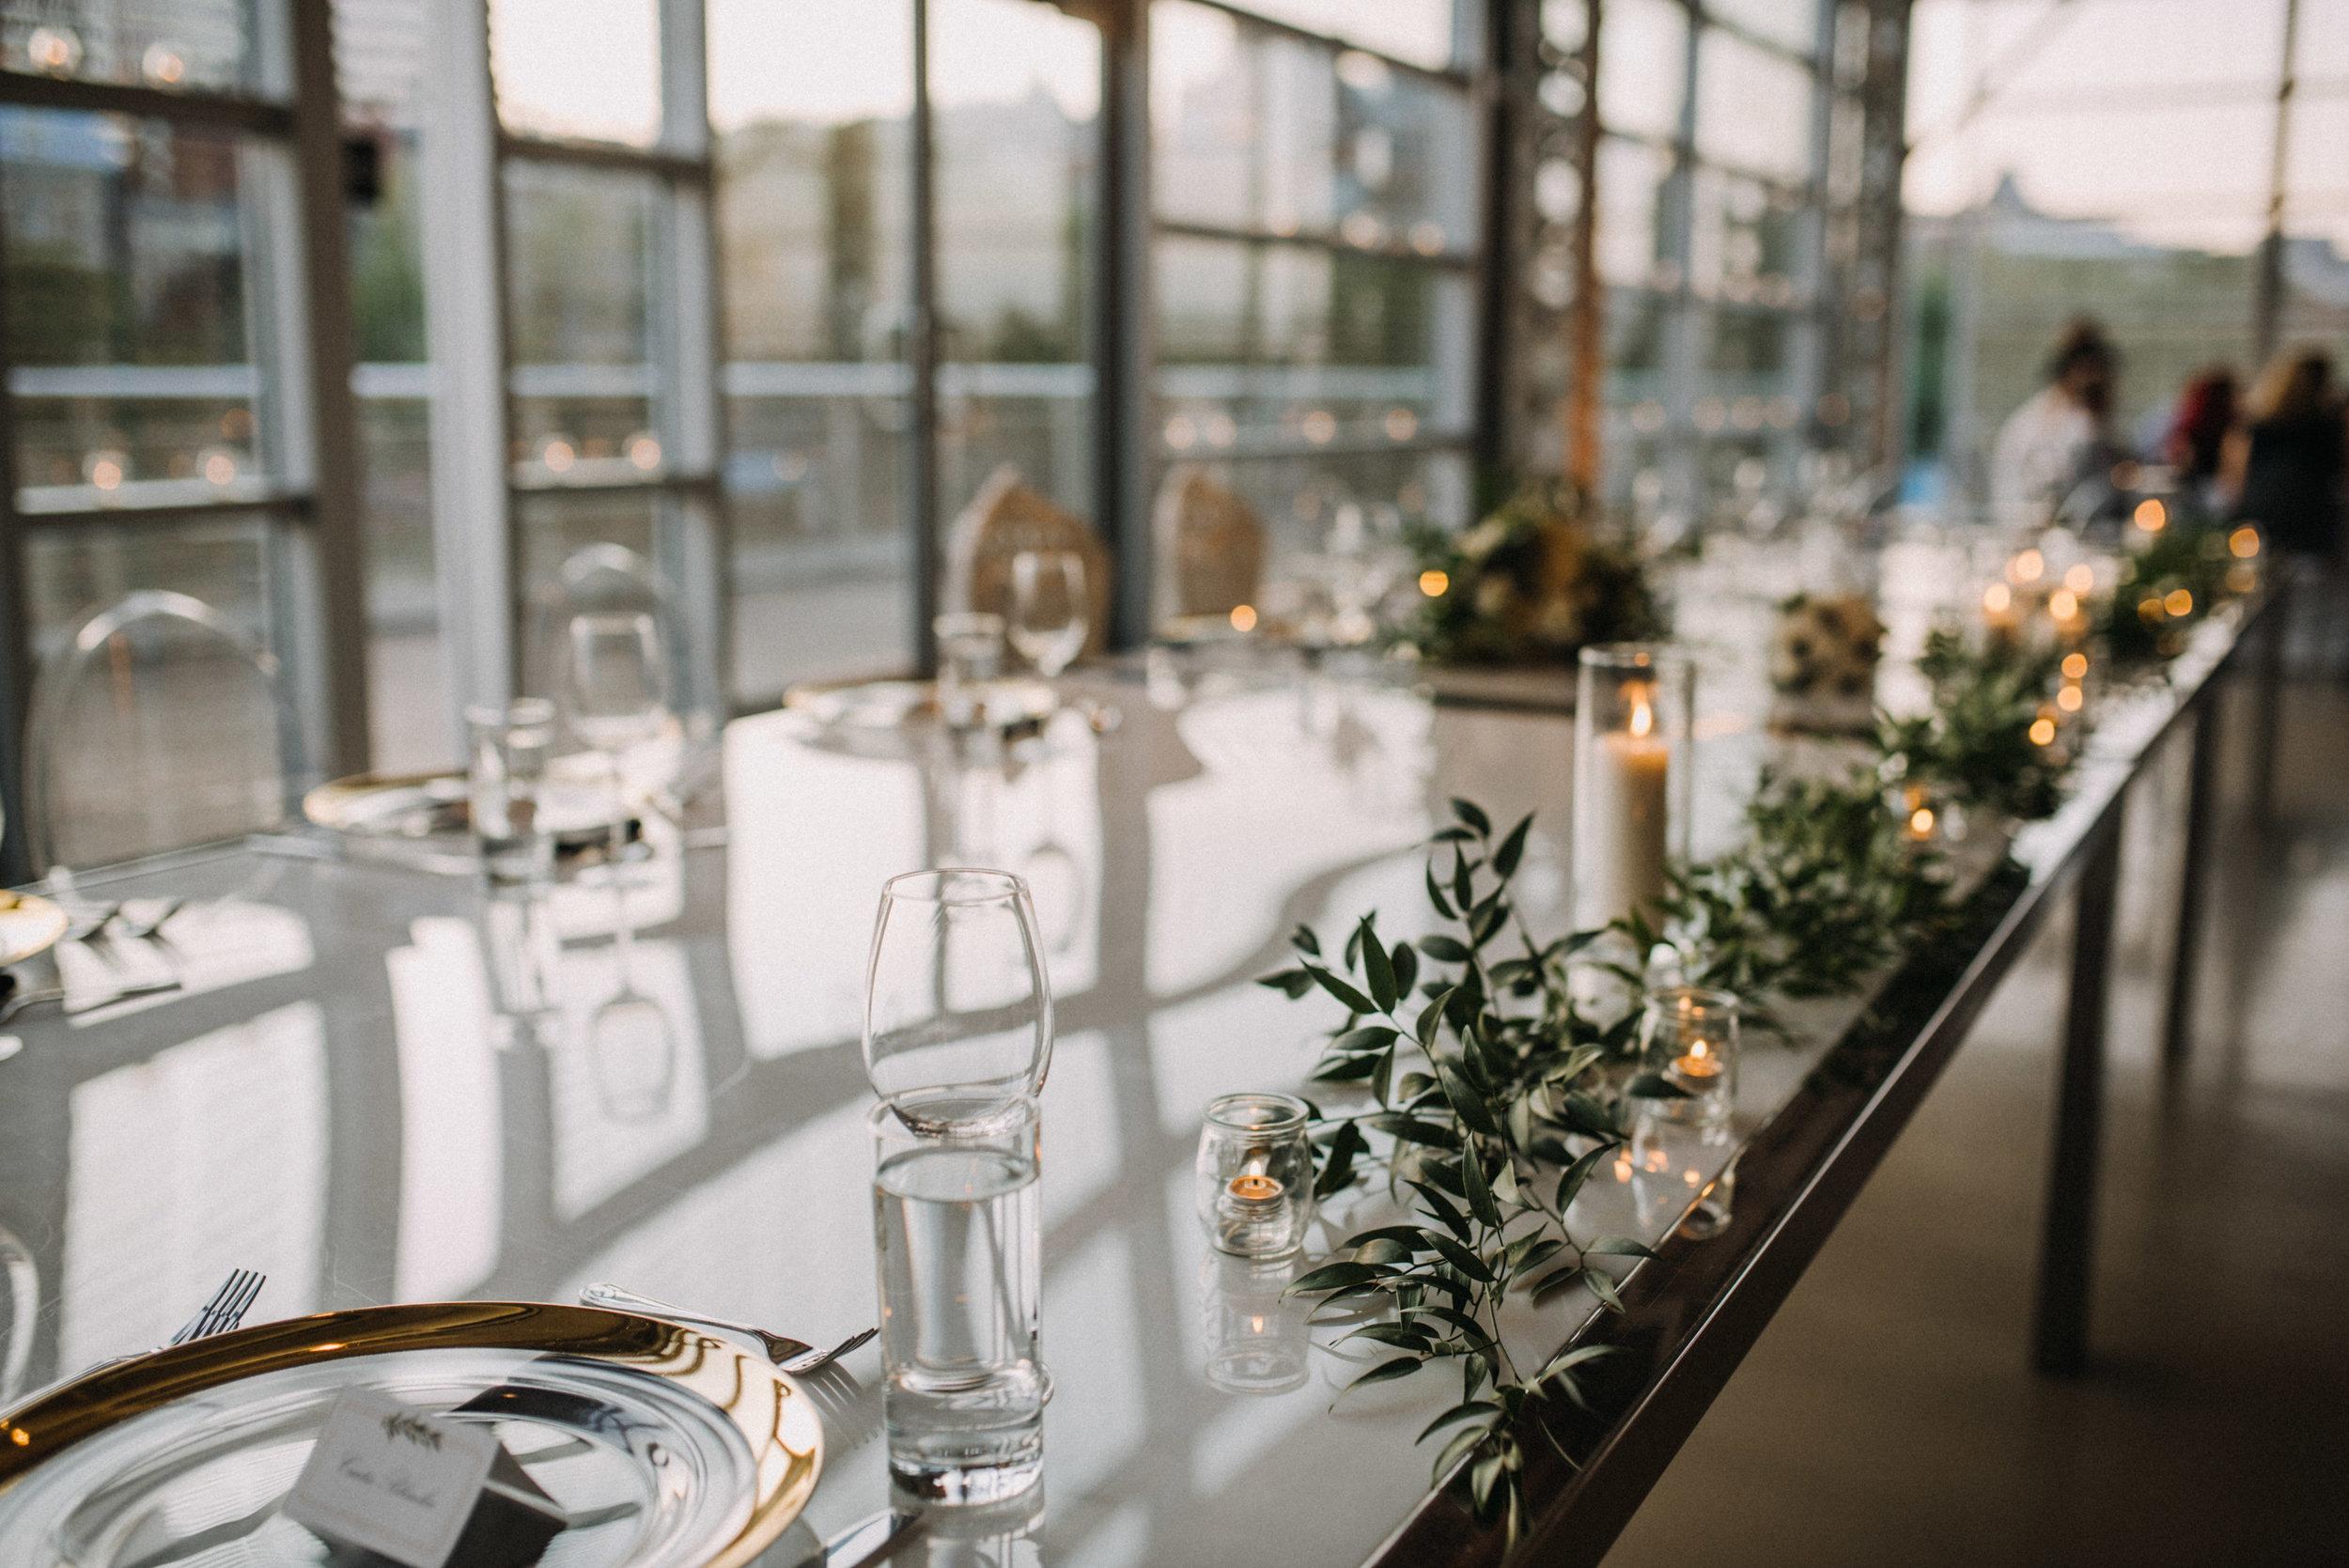 photographe_gatineau_mariage_ottawa_photographer_wedding_natasha_liard_photo_documentary_candid_lifestyle  (3).jpg